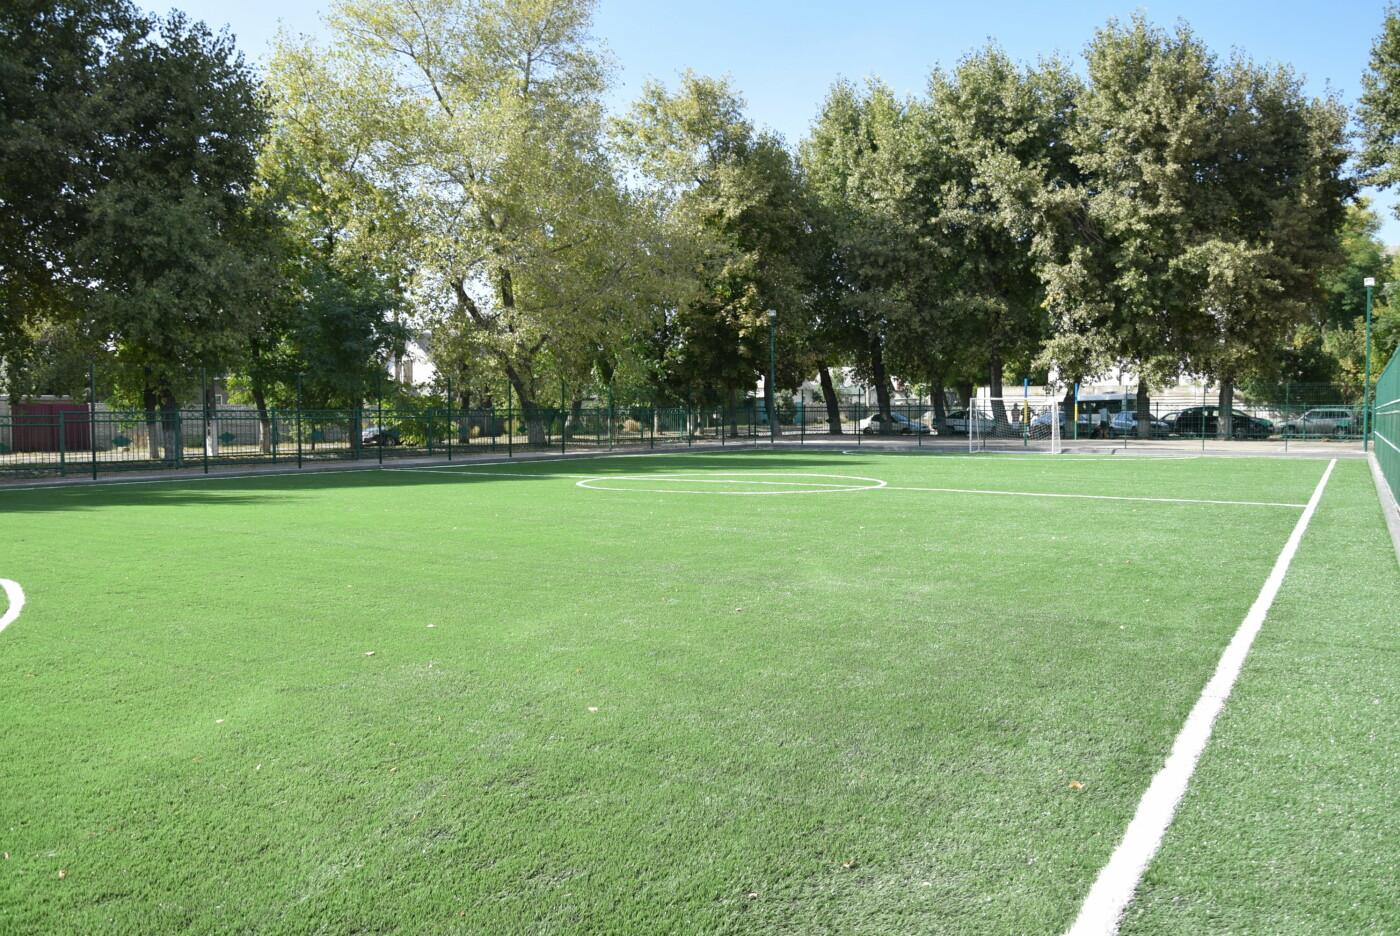 На День города двум школам Каменского подарили новые спортивные поля, фото-1